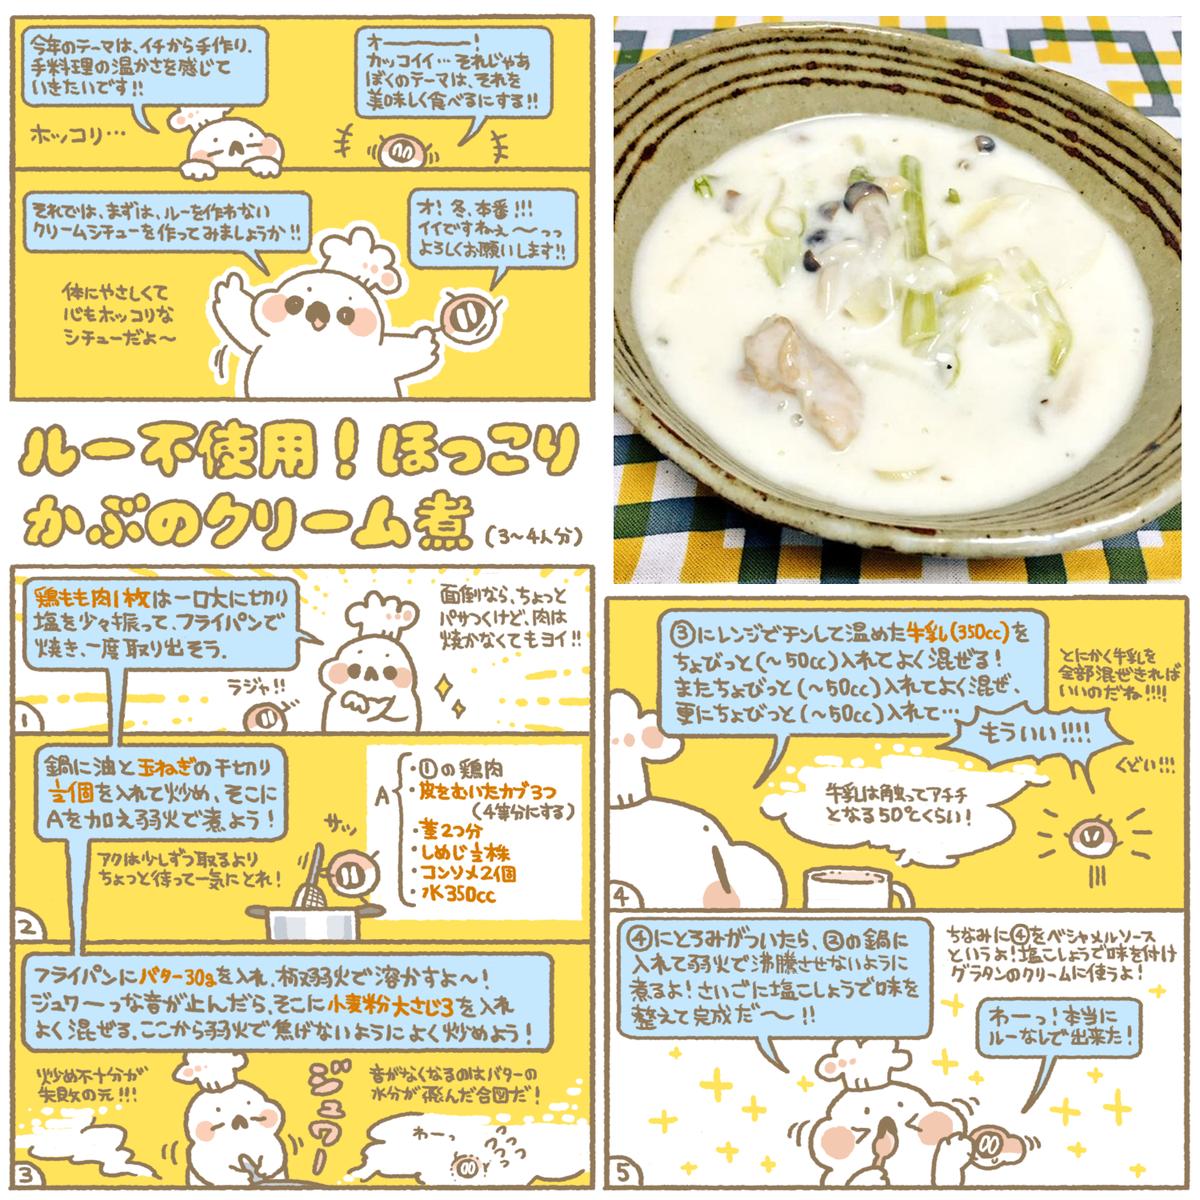 ルー不使用!ほっこり蕪のクリーム煮のレシピまとめました!(OO)ノ